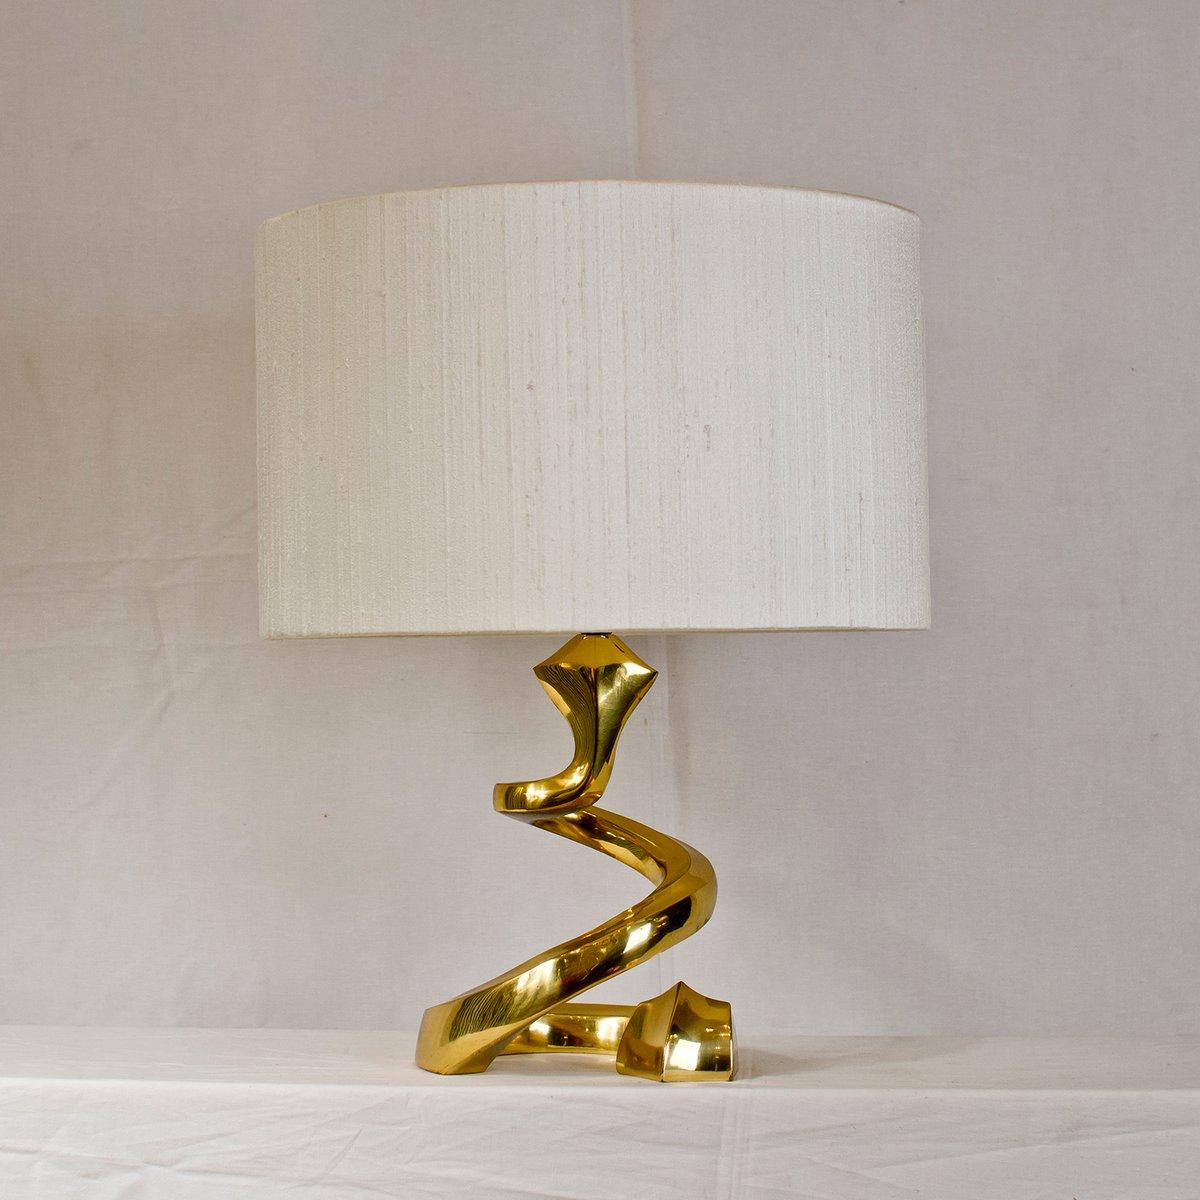 franz sische schlangen messing lampe 1970er bei pamono kaufen. Black Bedroom Furniture Sets. Home Design Ideas